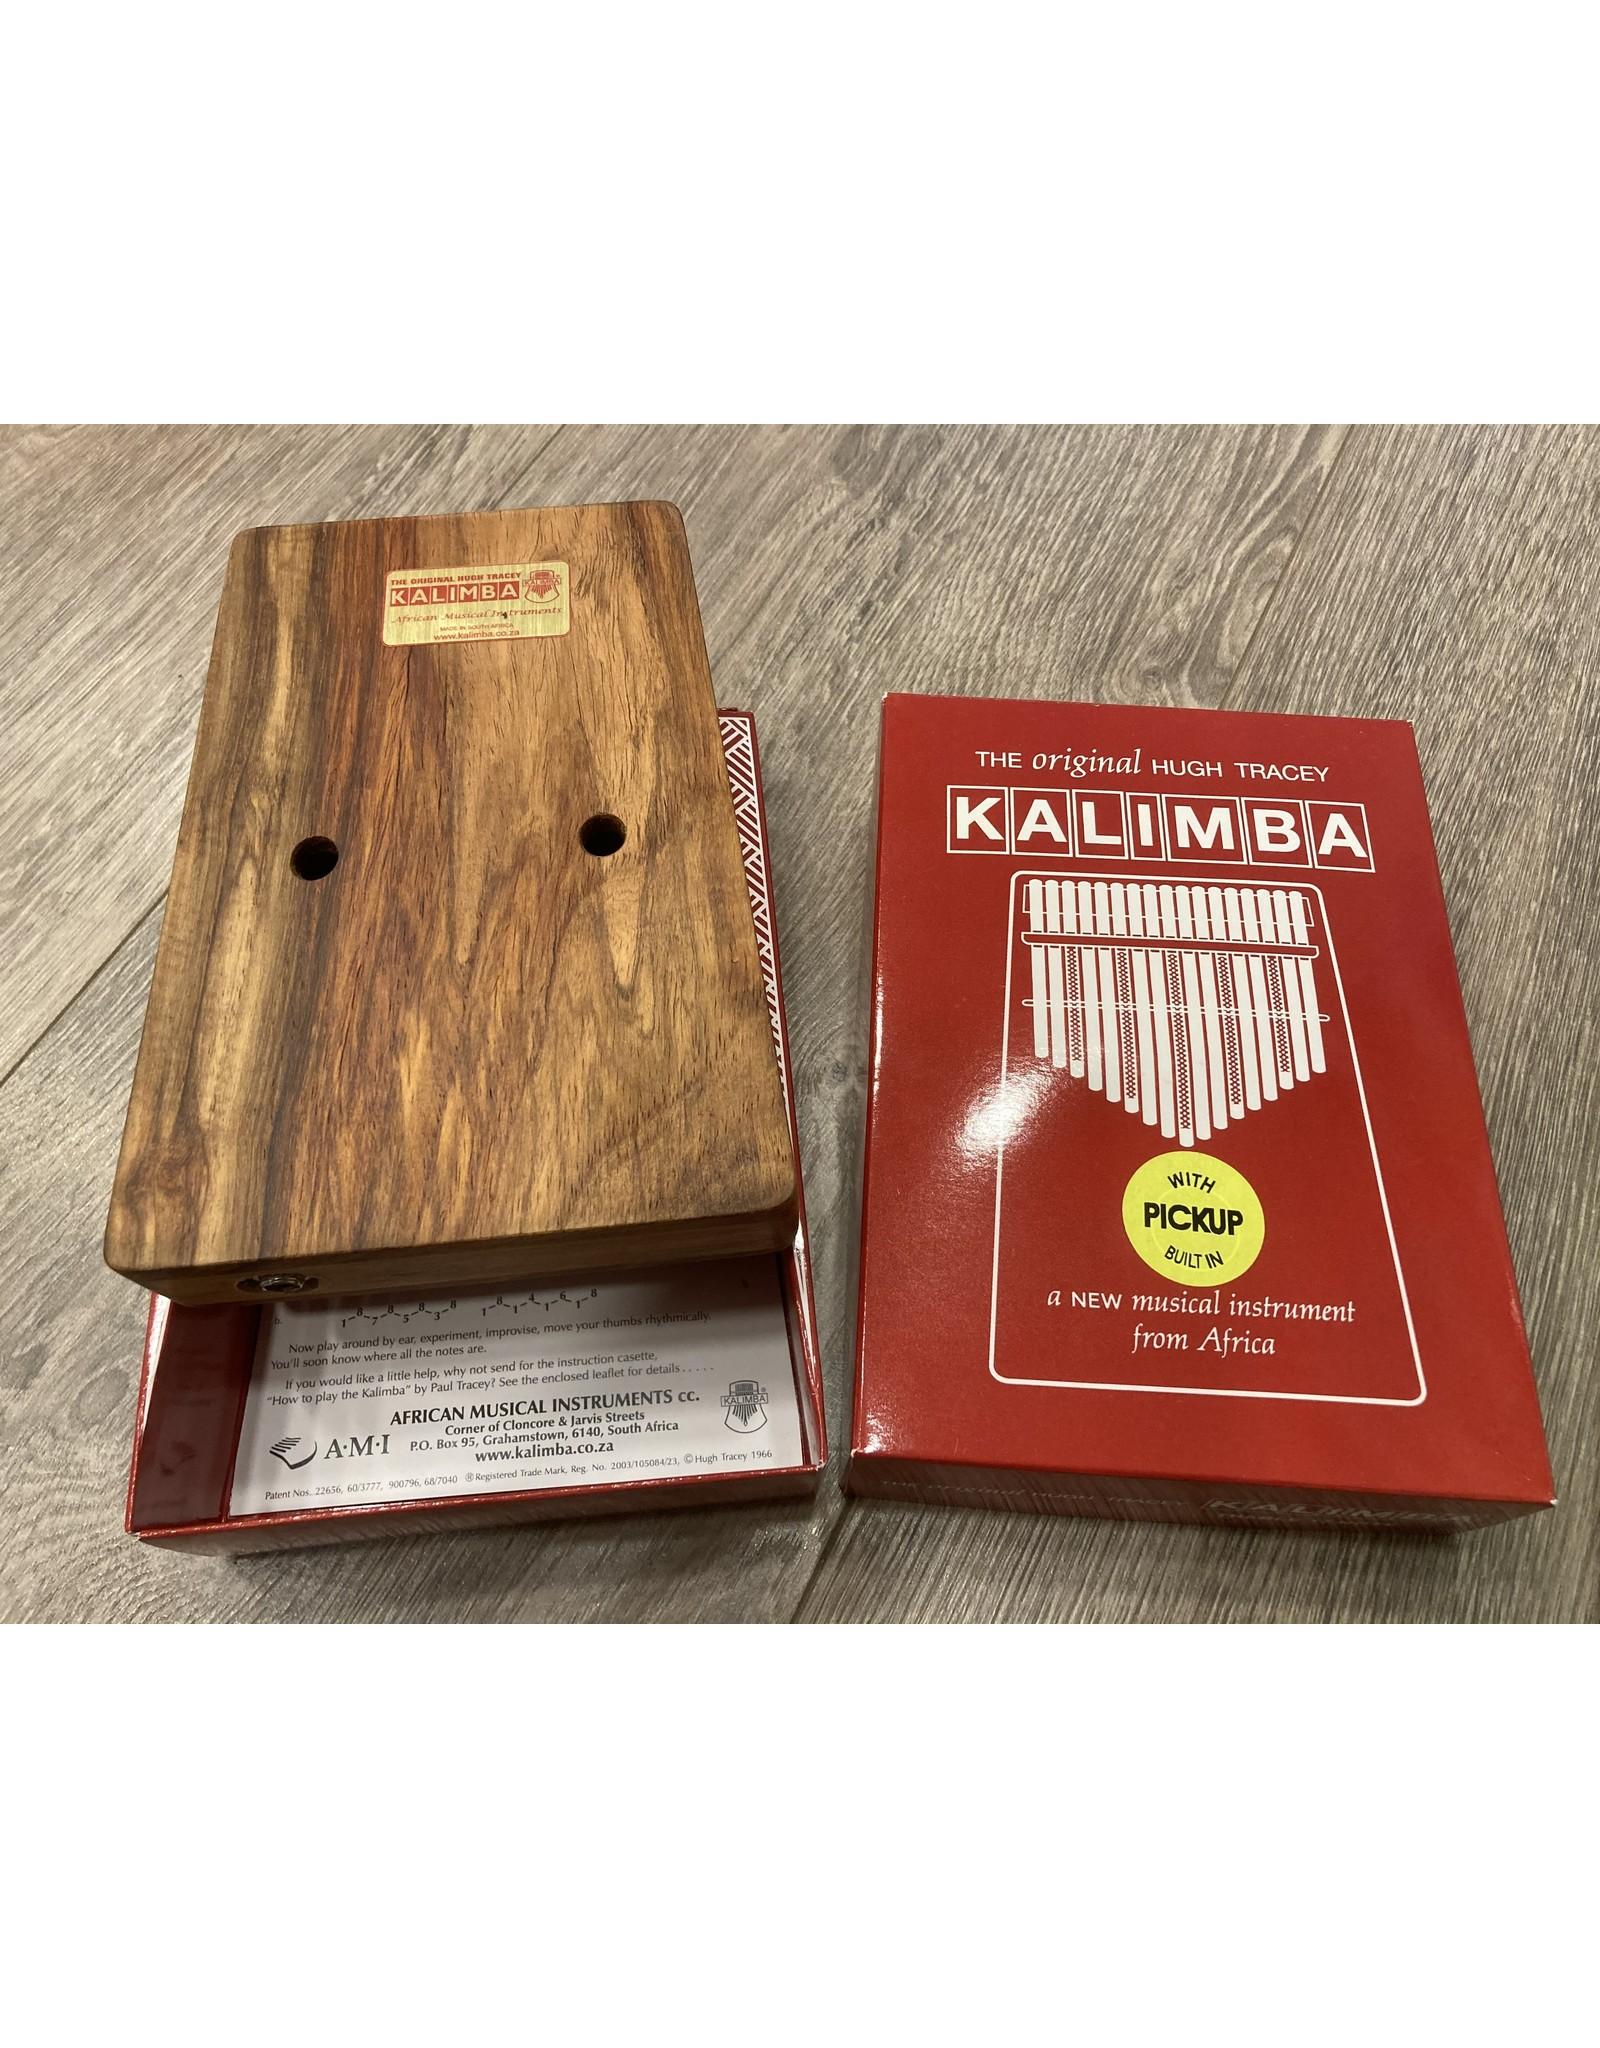 Hugh Tracy Kalimba Hugh Tracy Kalimba 17 notes with pick-up